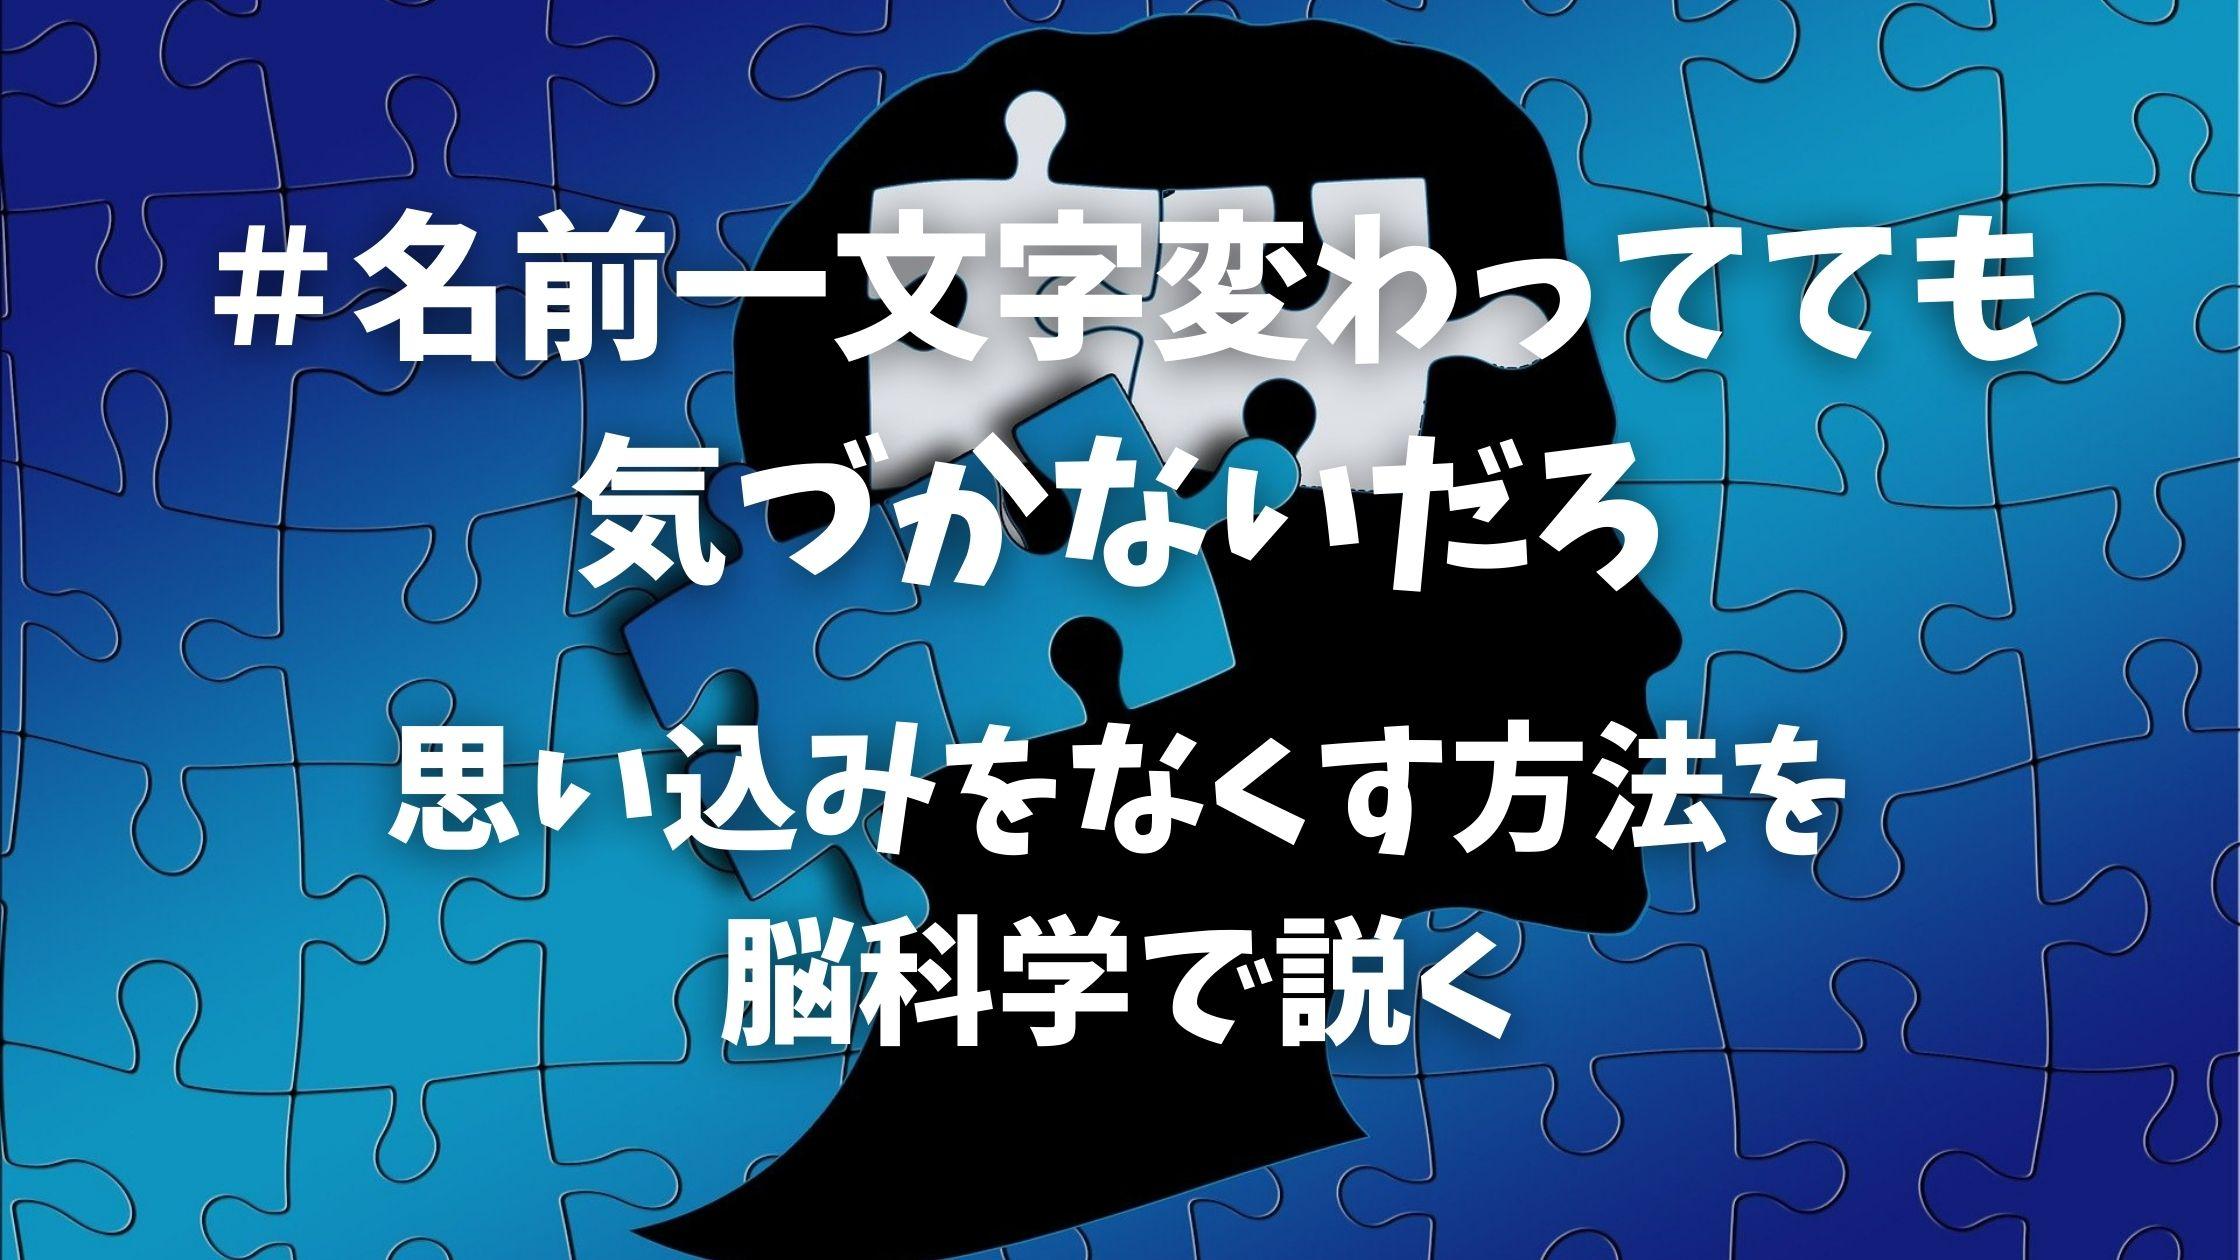 思い込み-A1